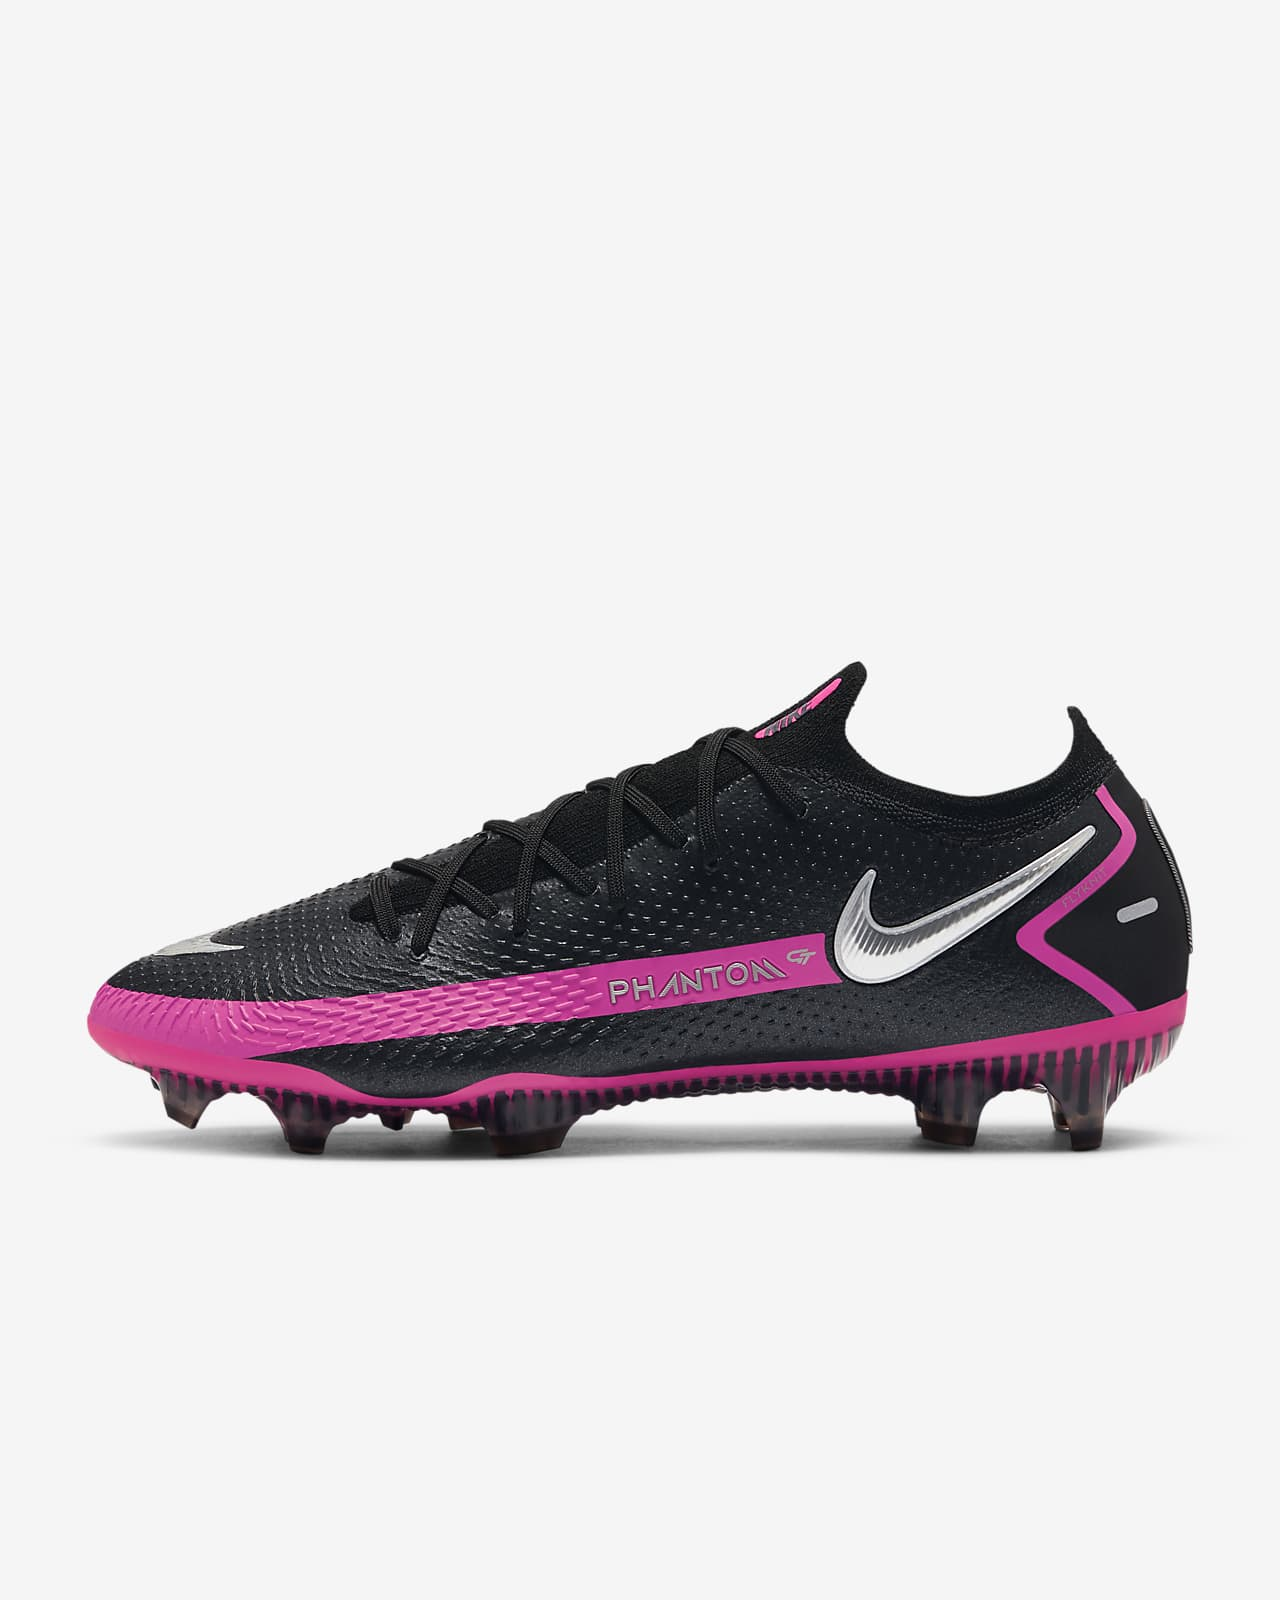 Fotbollssko för gräs Nike Phantom GT Elite FG